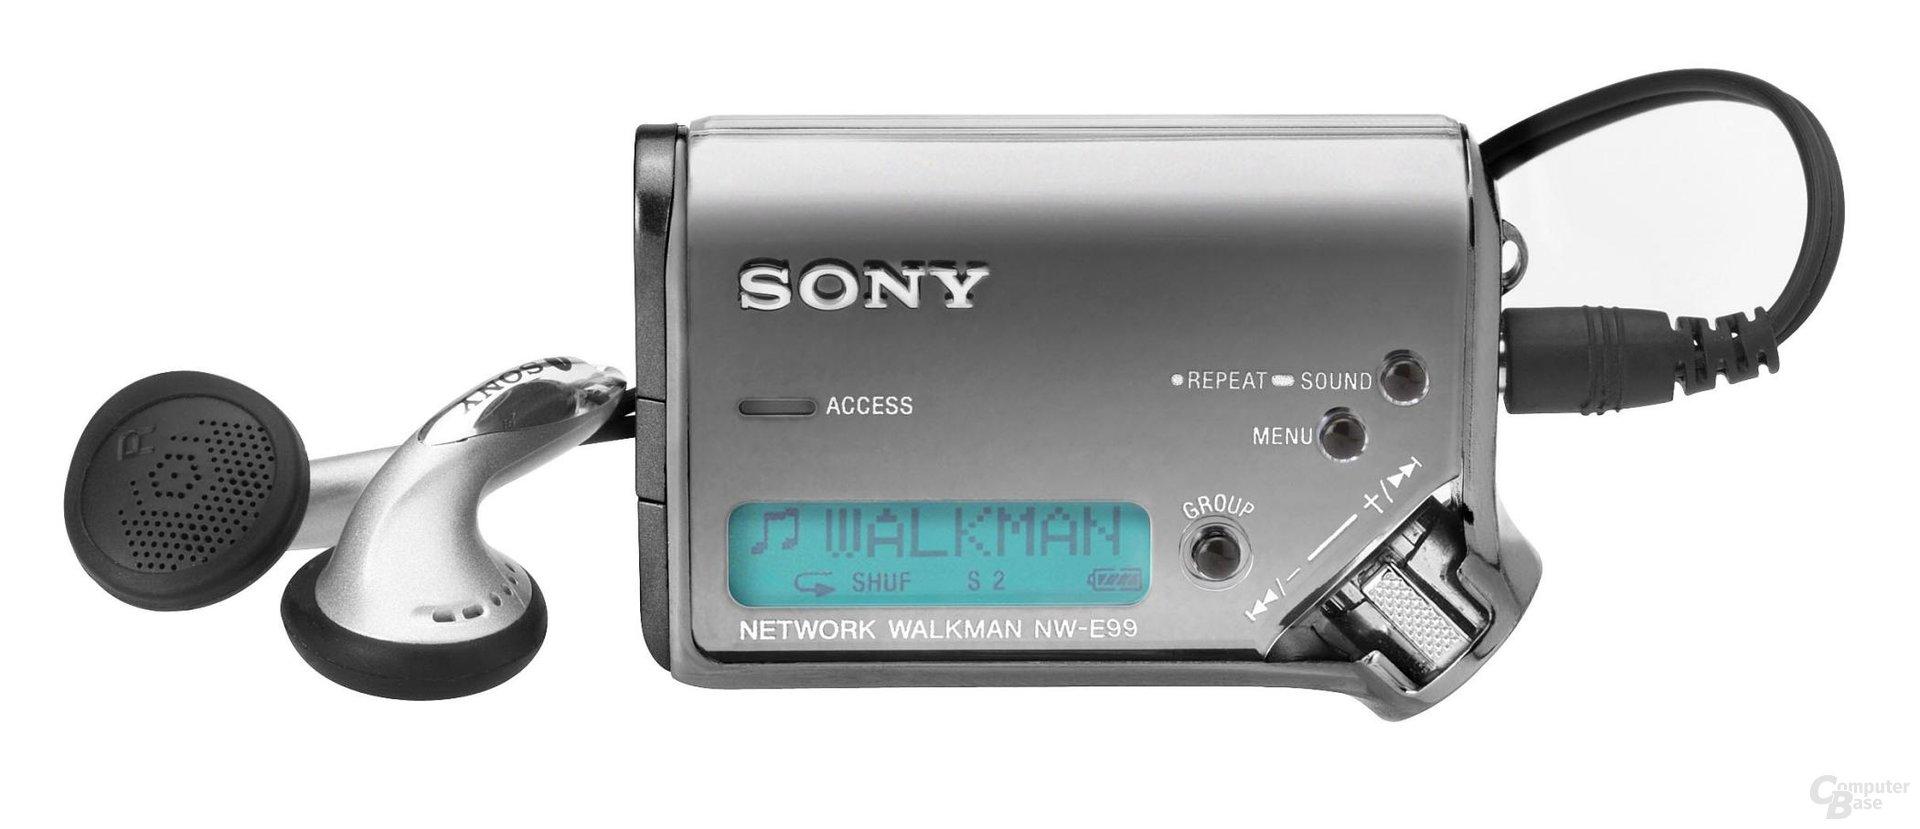 Network Walkmen NW-E99